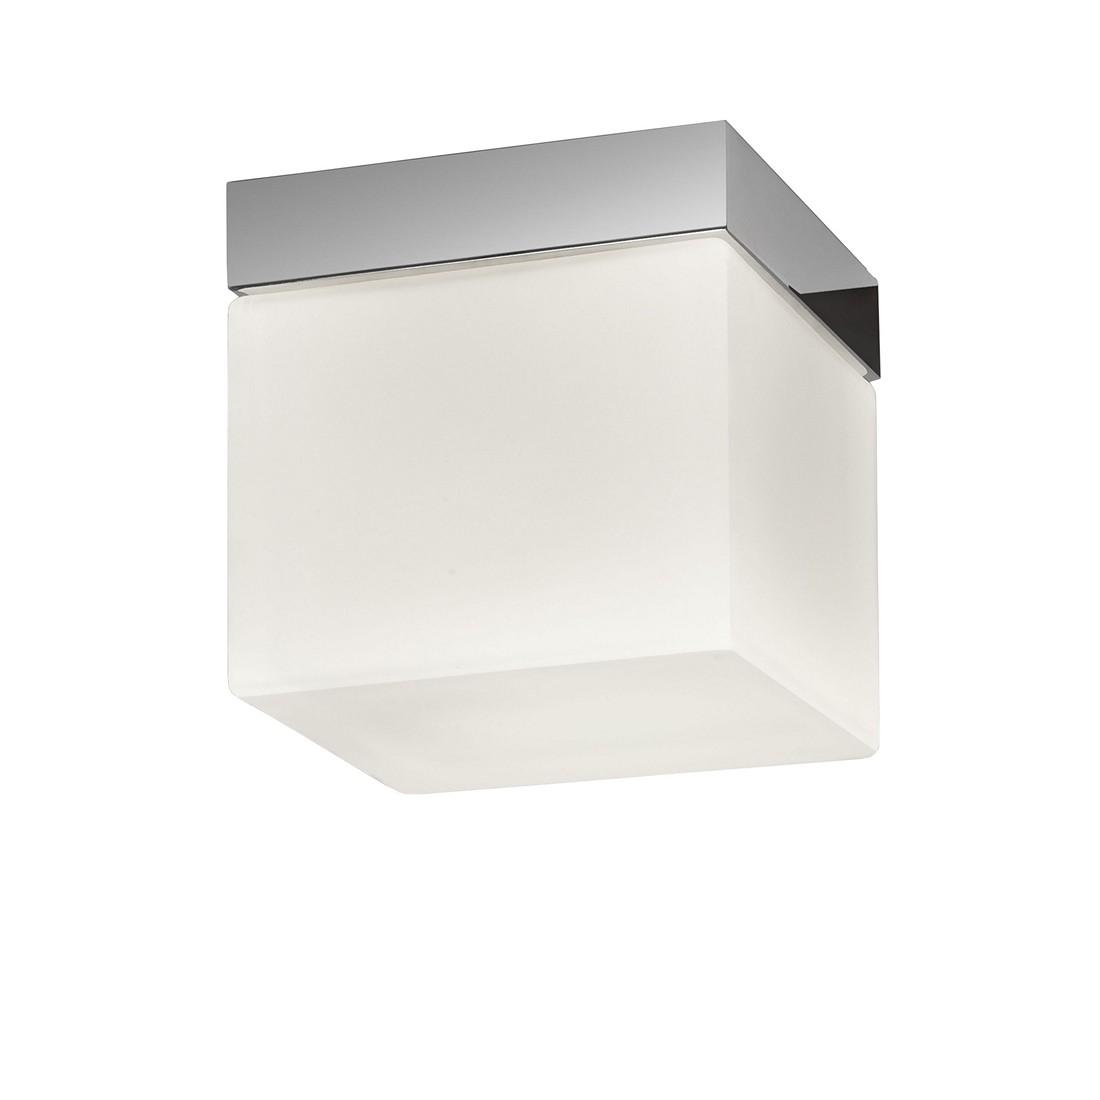 Deckenleuchte Sabina Square ● Opalglas Weiß- Illumina Astro